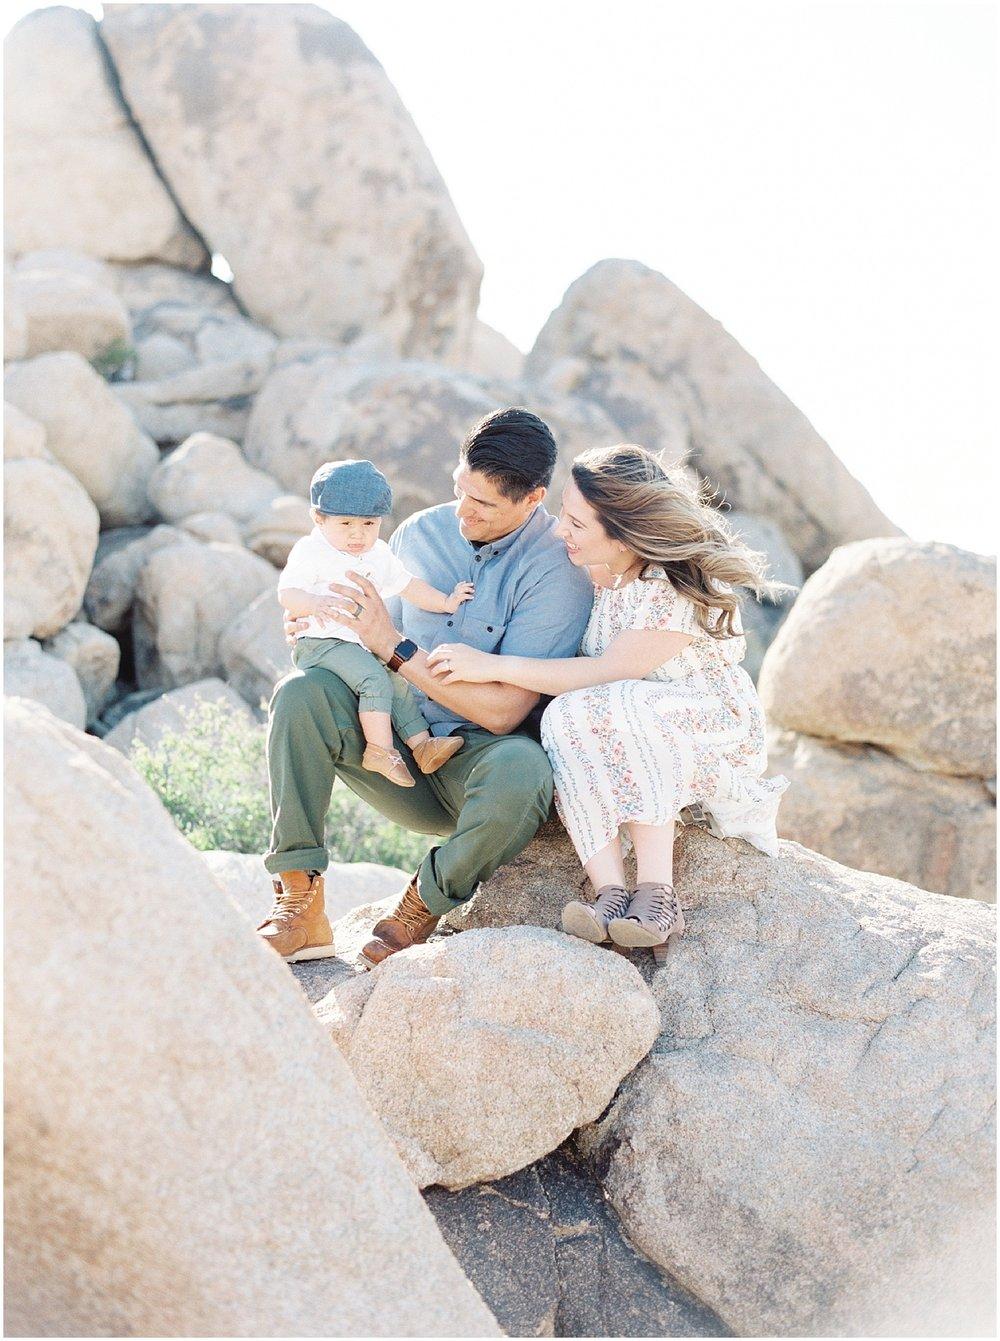 moran family    Family // Joshua Tree, California    OPEN GALLERY